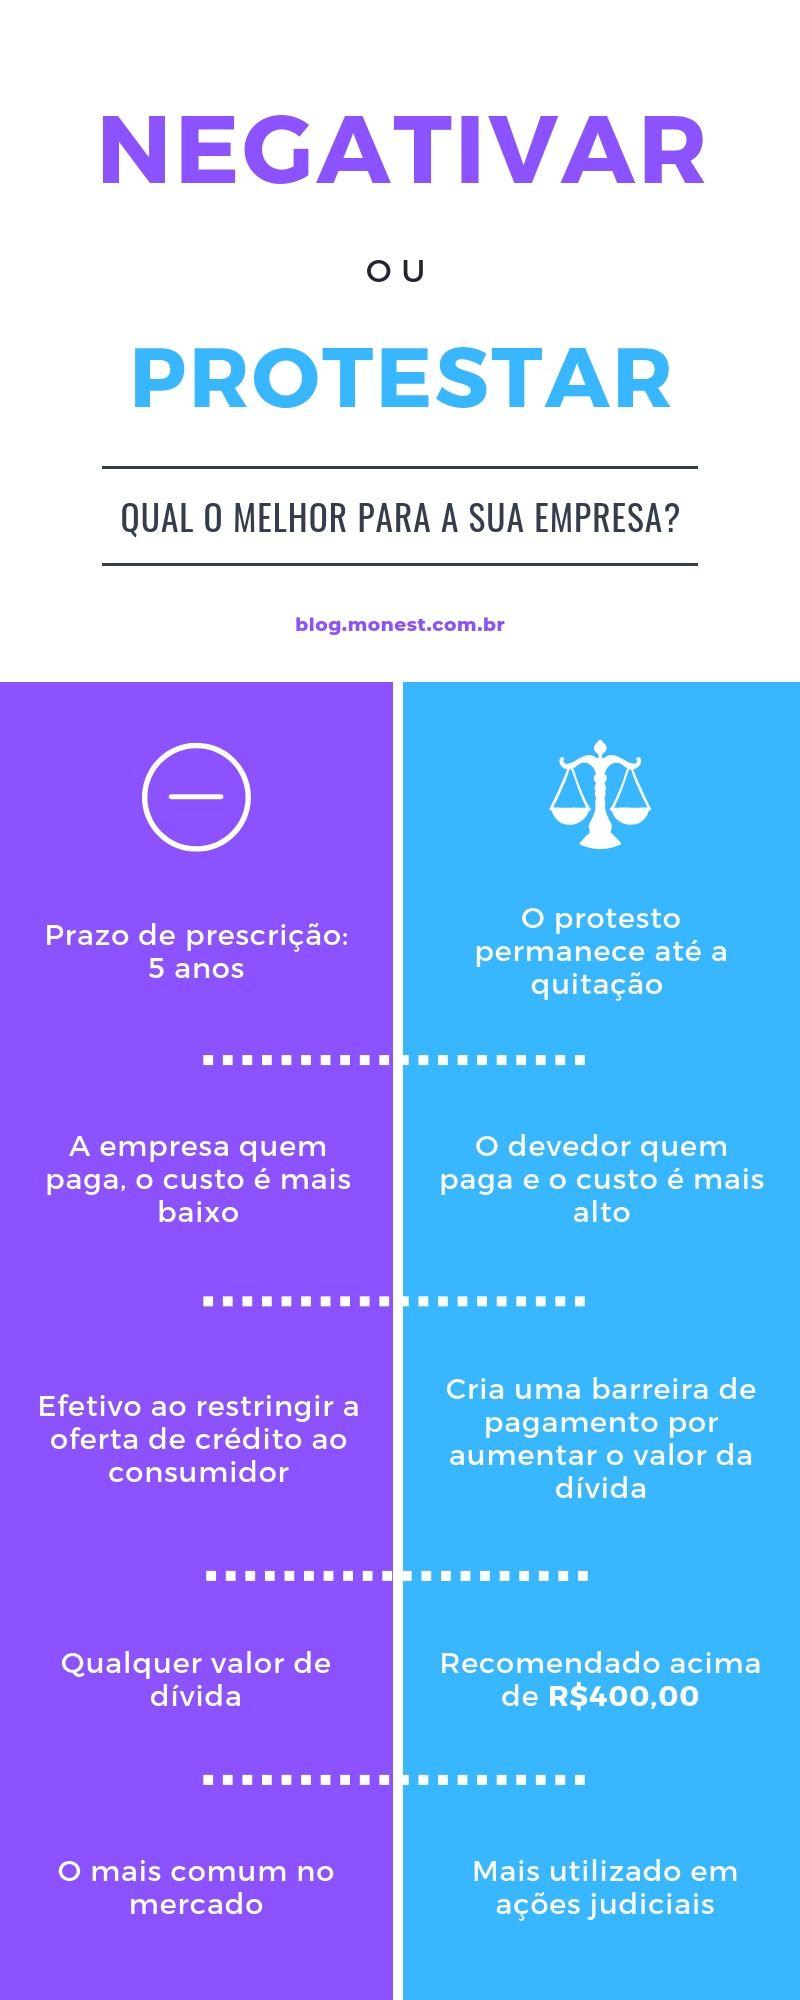 Infográfico sobre as diferenças entre negativação e protesto de devedores.